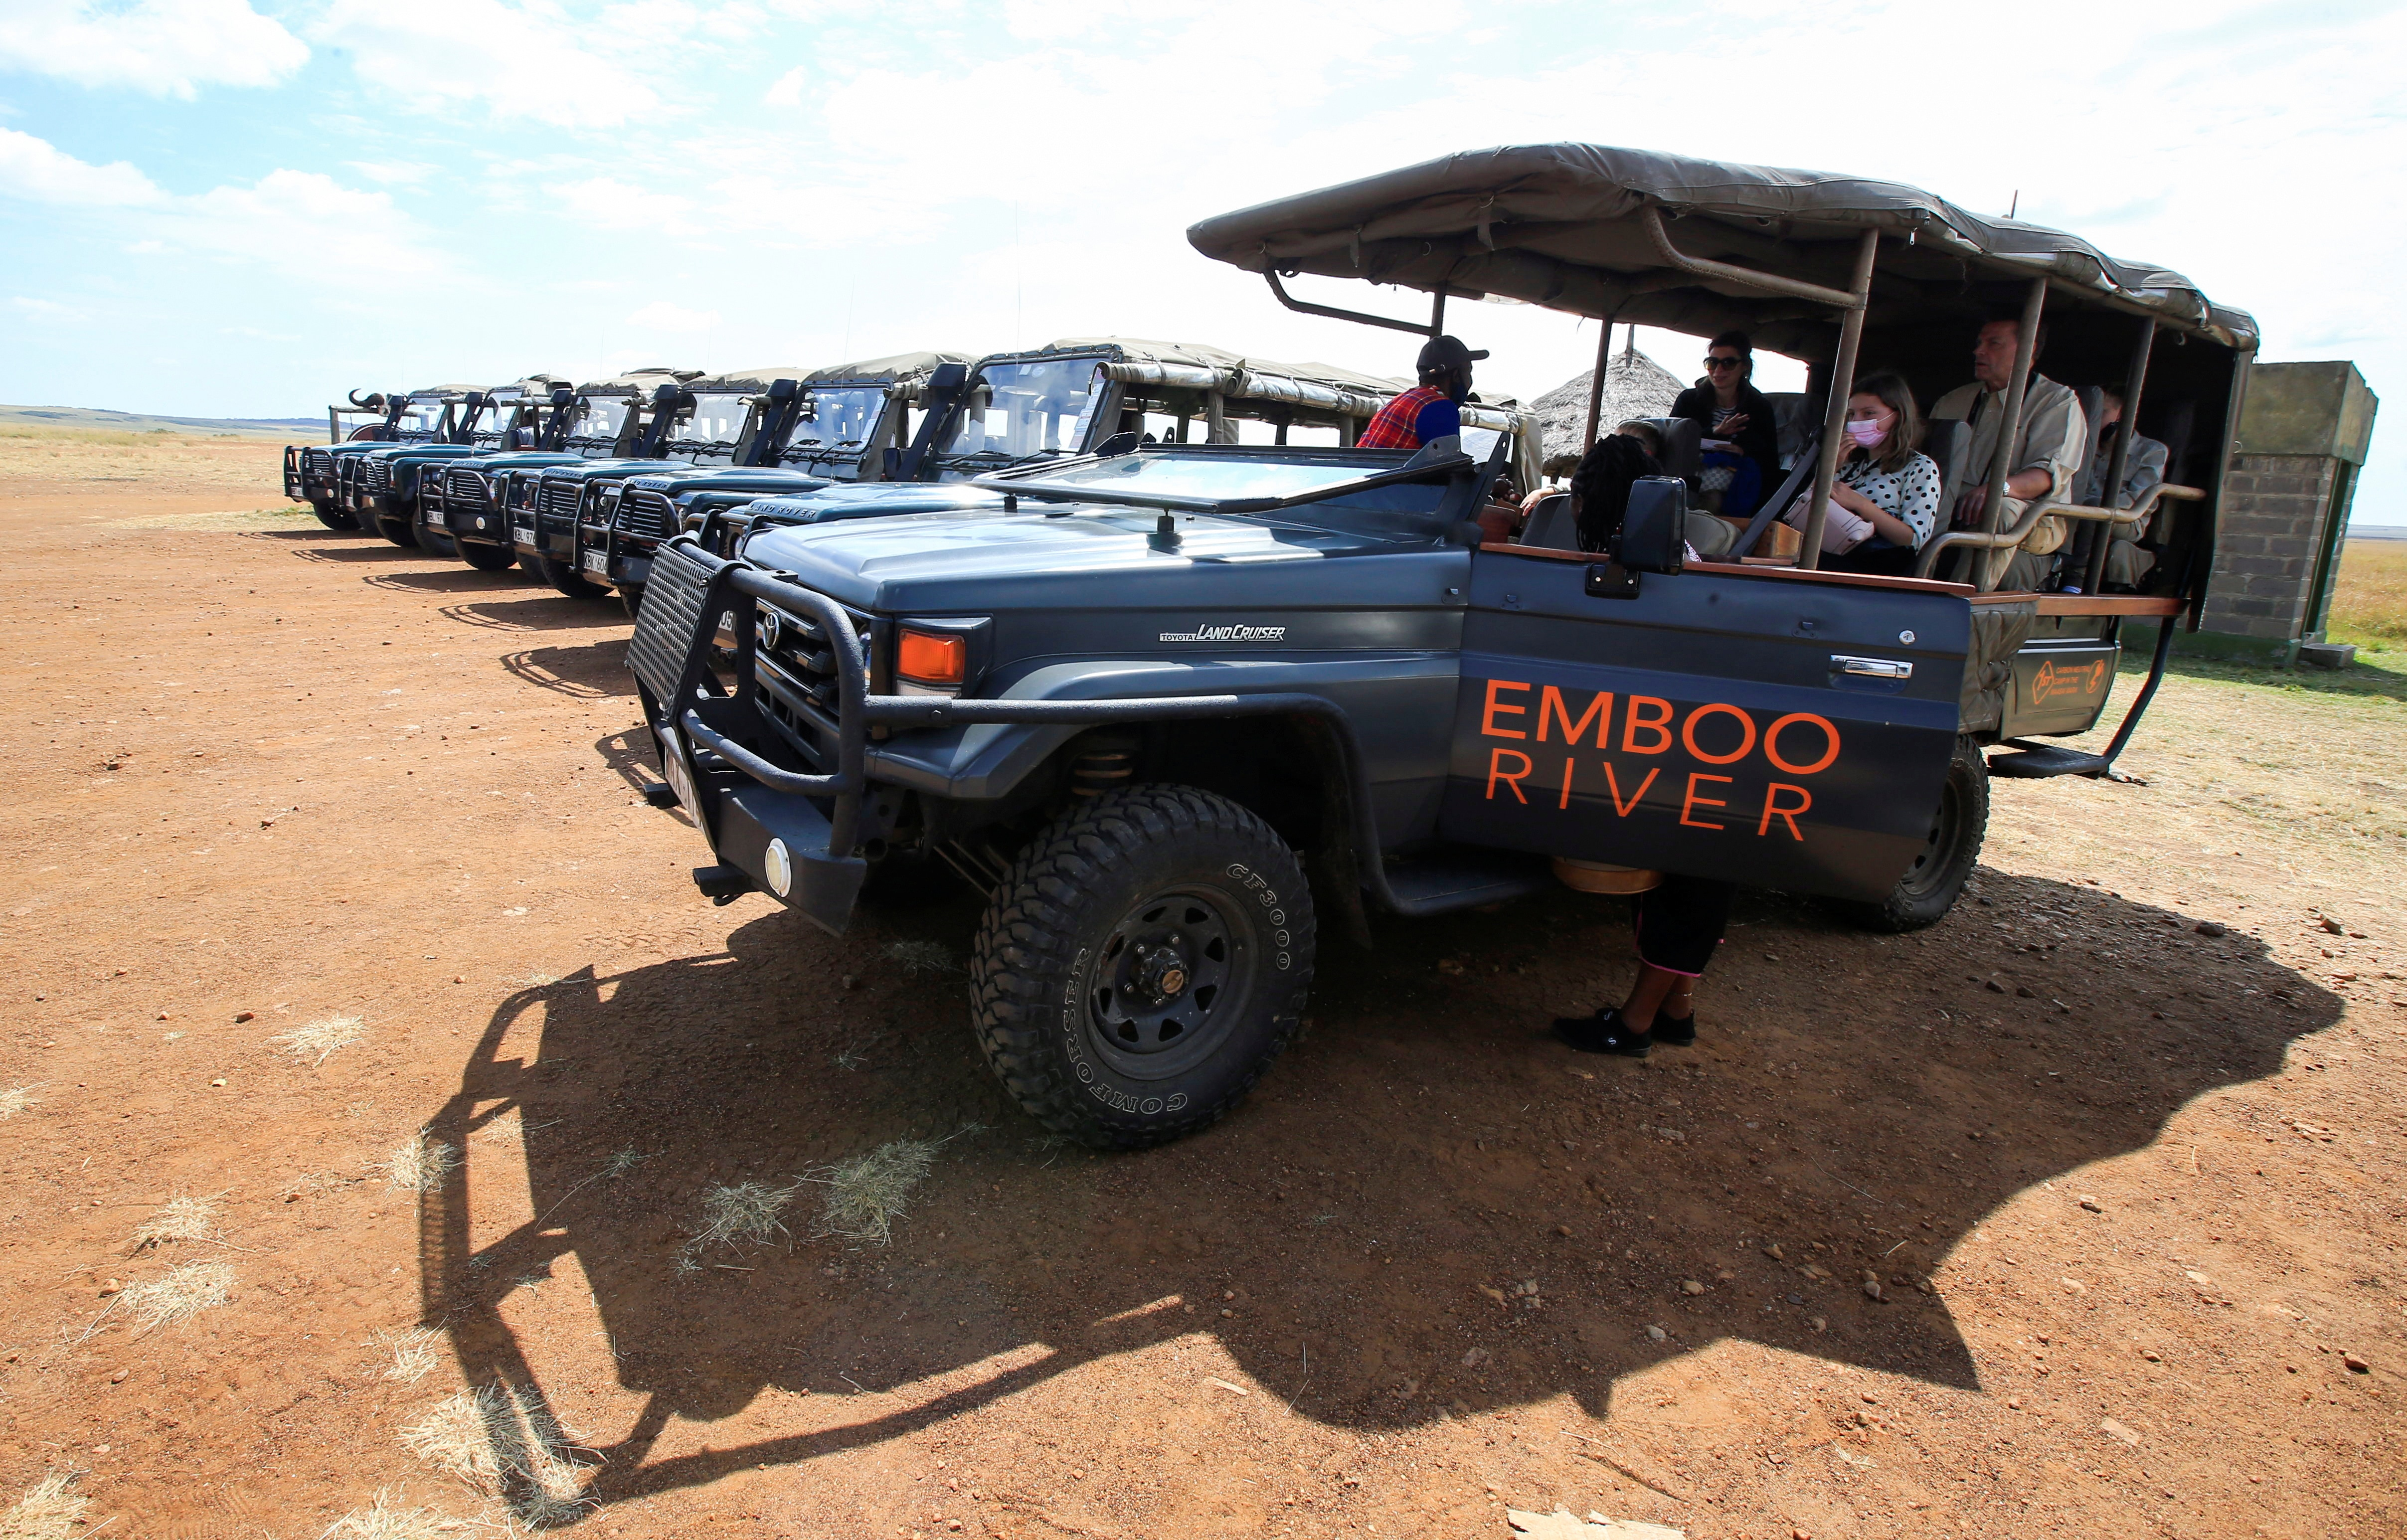 Electric-powered safari vehicle line up at the Maasai Mara National Reserve in Narok County, Kenya.